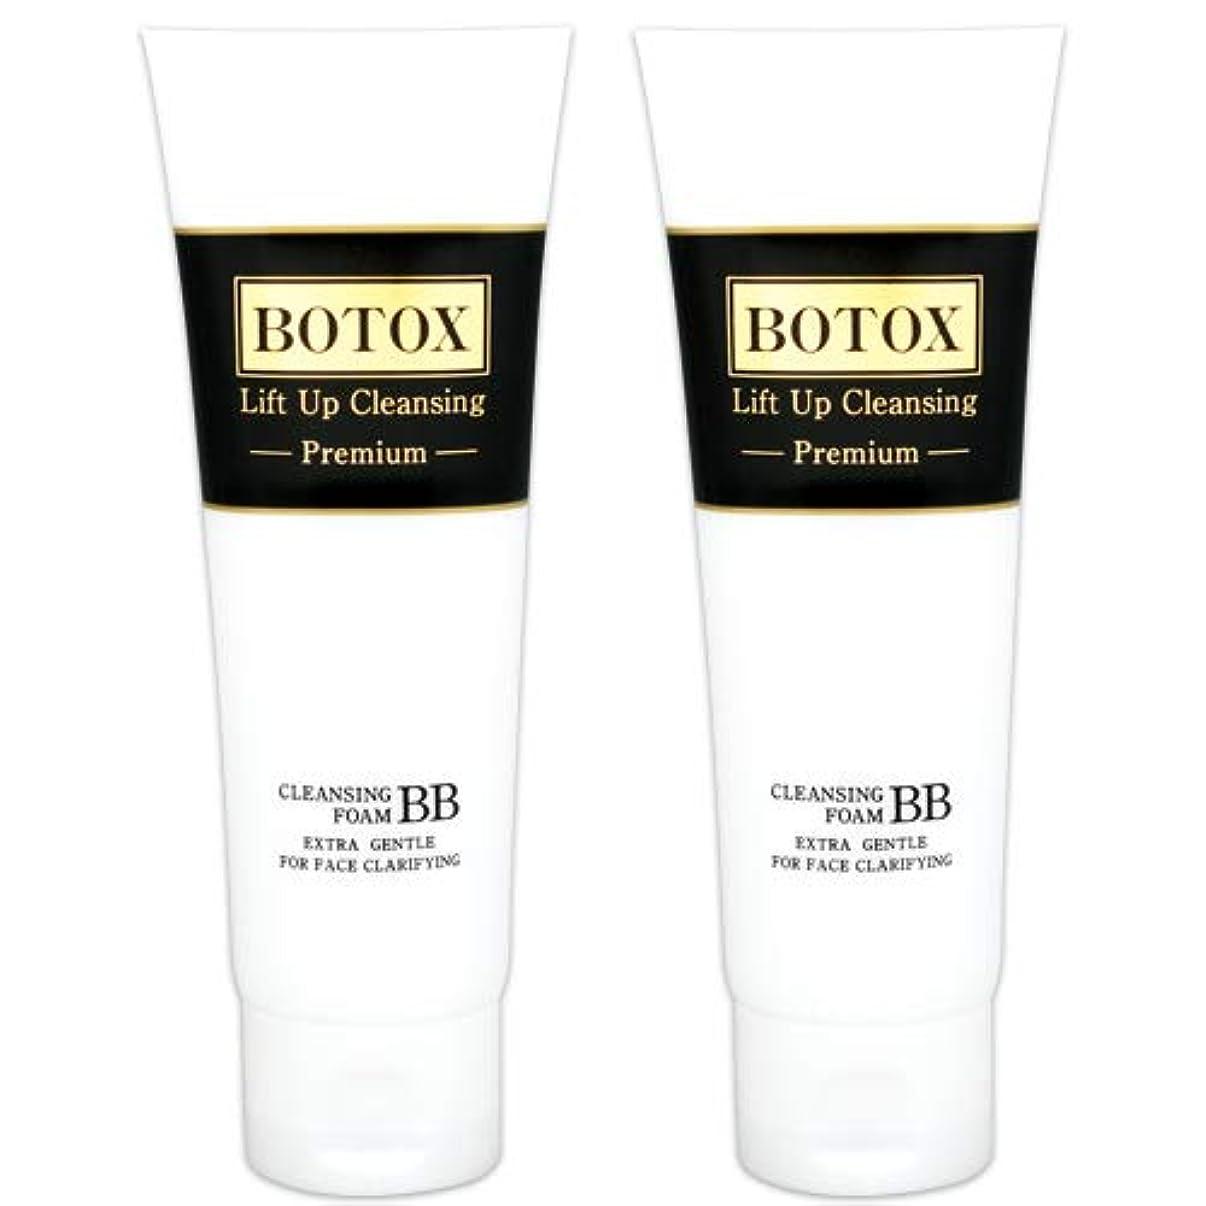 論争抜け目のないスポンジB&S ボトックス BB 洗顔 フォーム (プレミアム) 100 g 2個セット[並行輸入品]